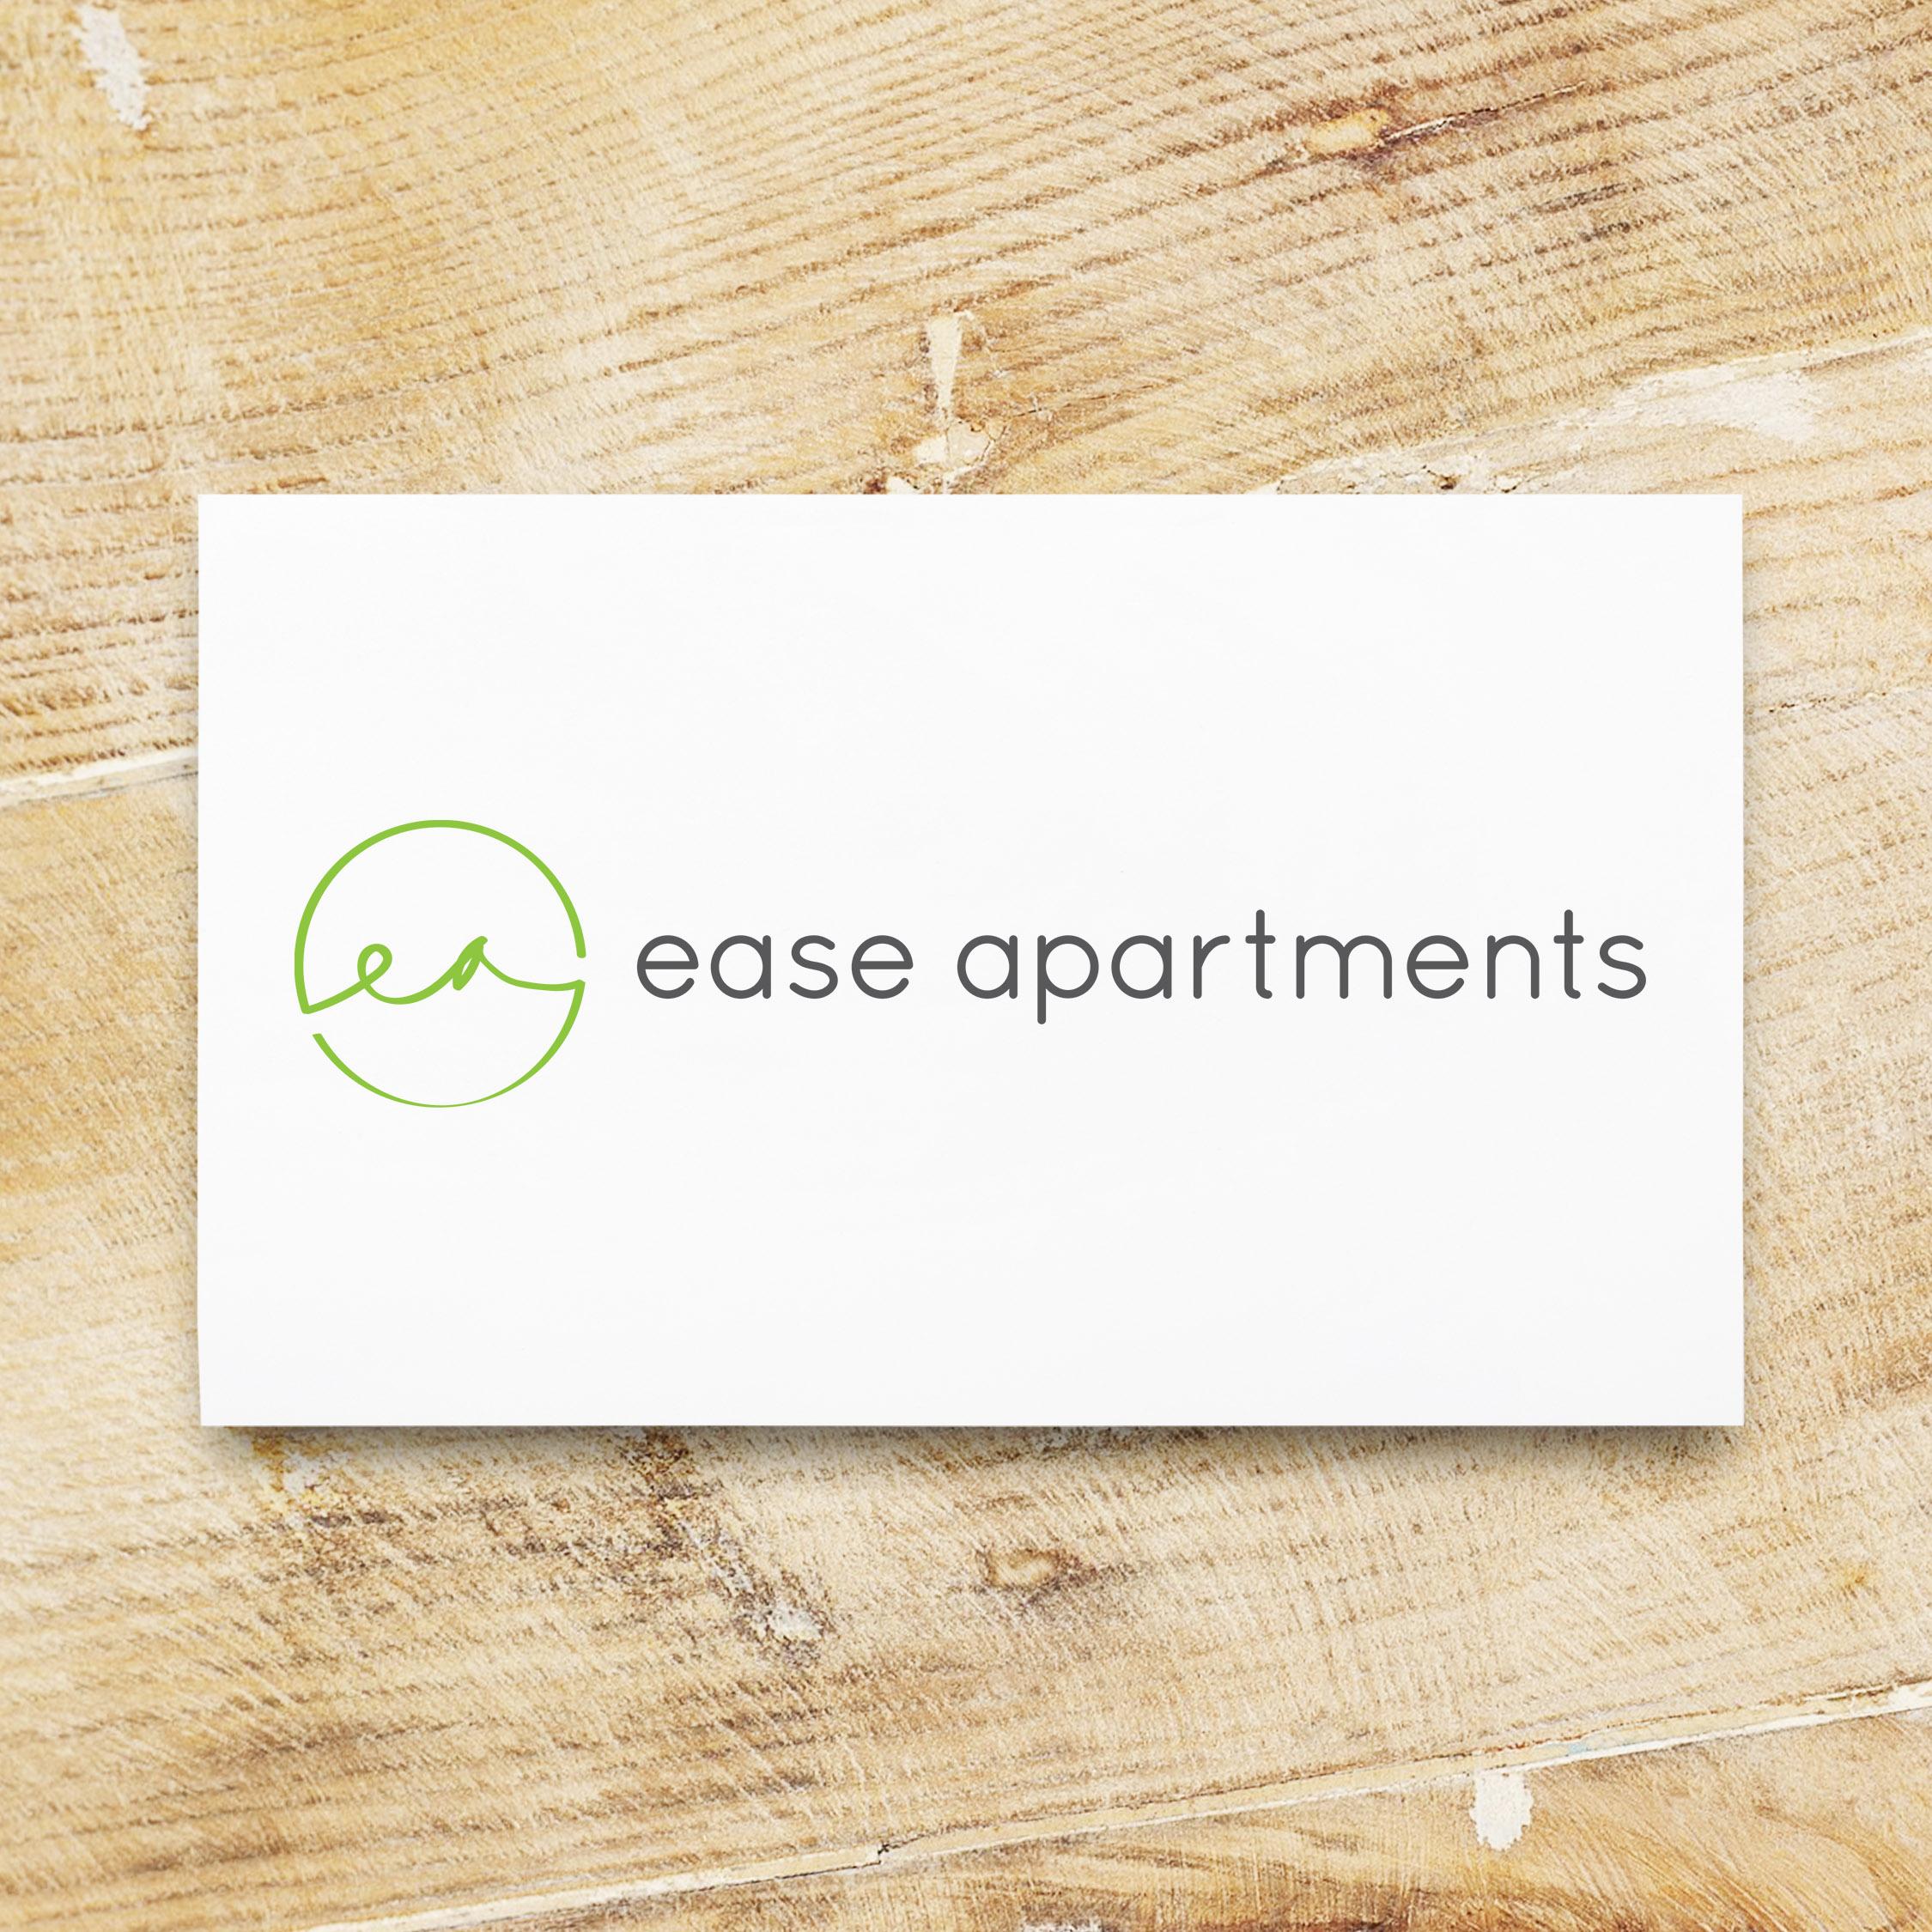 Ease Apartments Logo Design